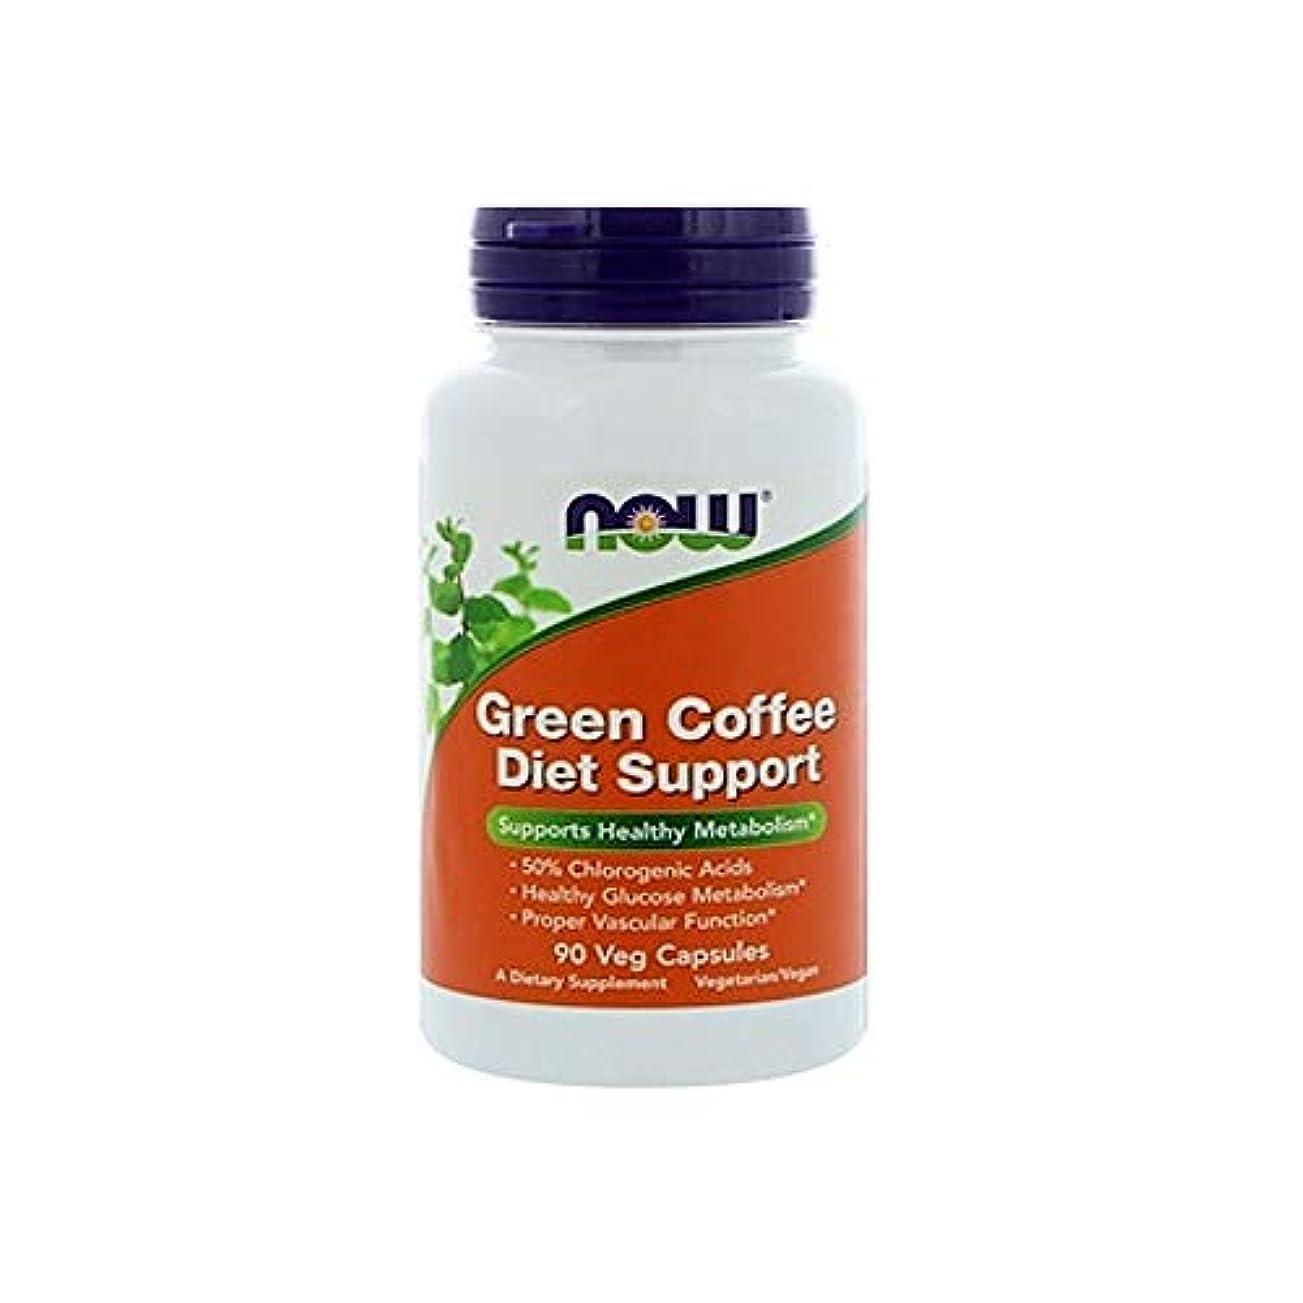 各フィットネスアーティキュレーション[海外直送品] ナウフーズ グリーンコーヒー ダイエットサポート(クロロゲン酸含有) 90粒